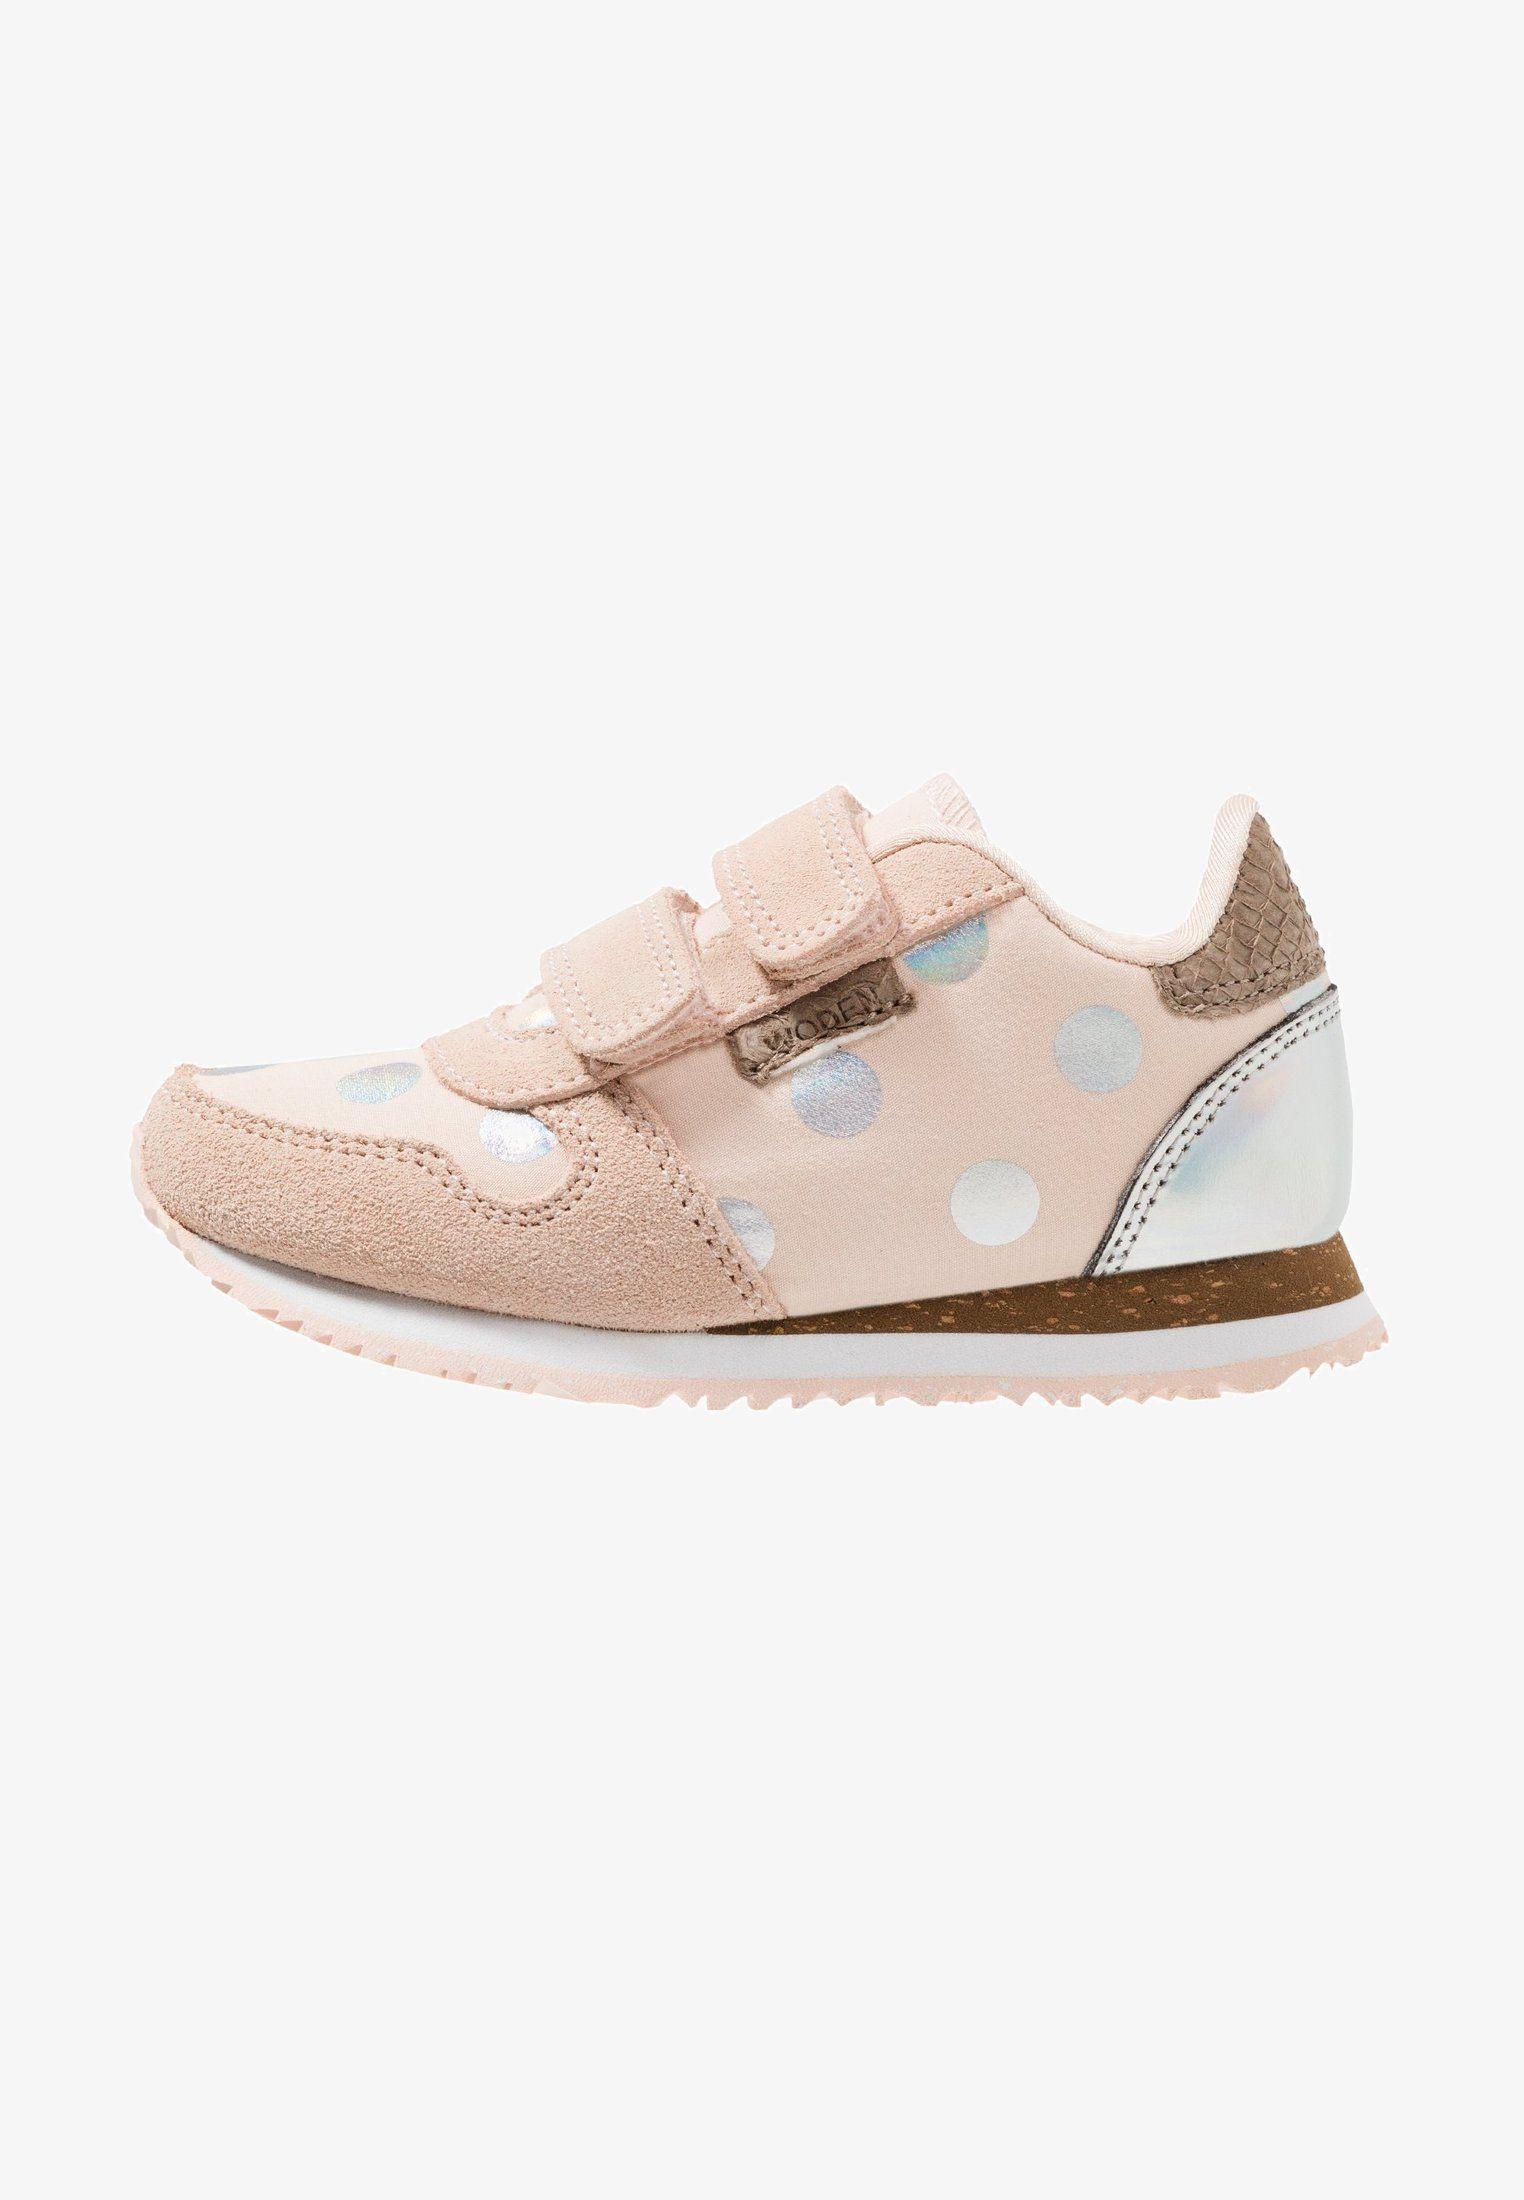 0e9b92bdc35d Woden NORA DOT KIDS TEE - Sneaker low - blush - Zalando.de